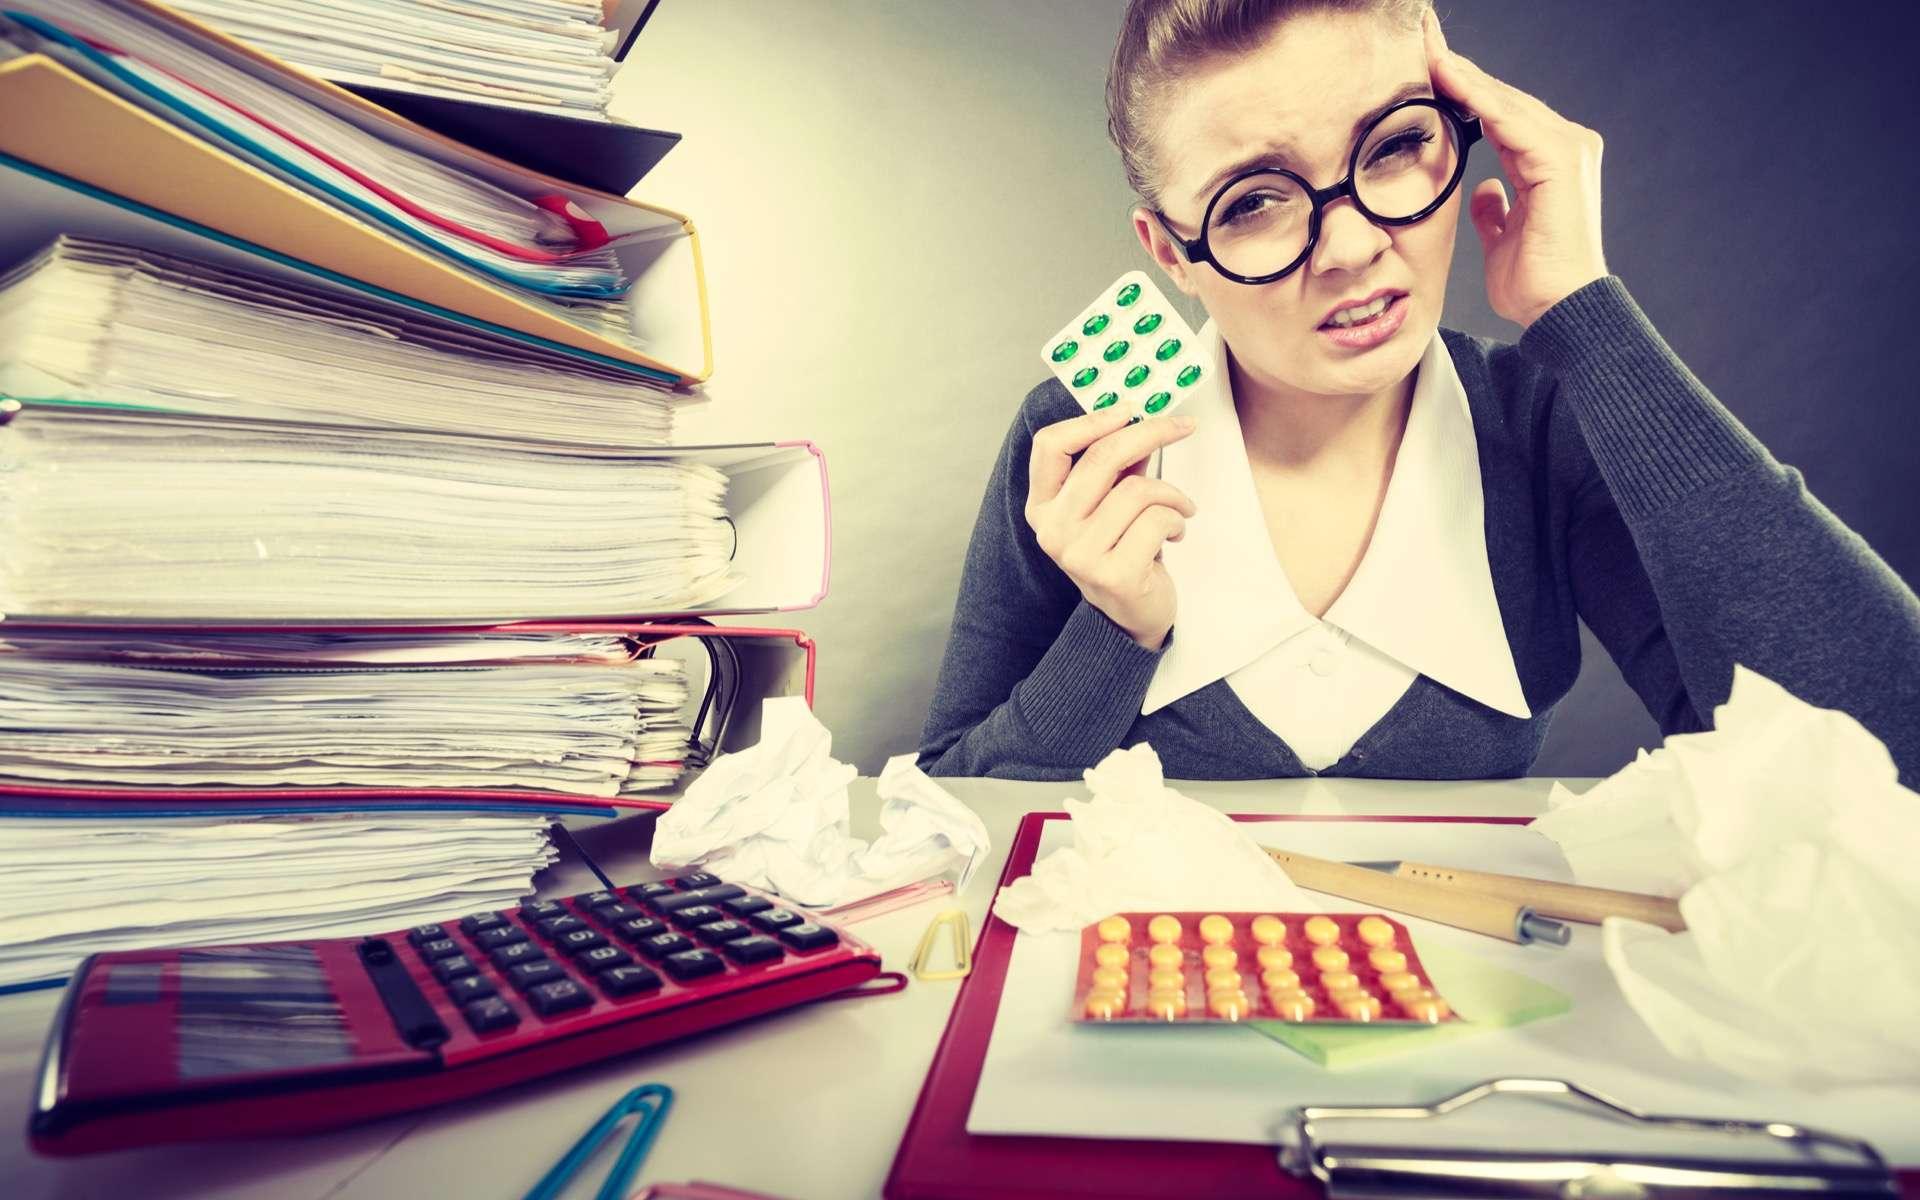 Trop de stress est mauvais pour la santé. Cette étude montre qu'il agit directement sur l'expression des gènes et le fonctionnement des cellules. © patriziasoliani, Flickr, cc by nc 2.0